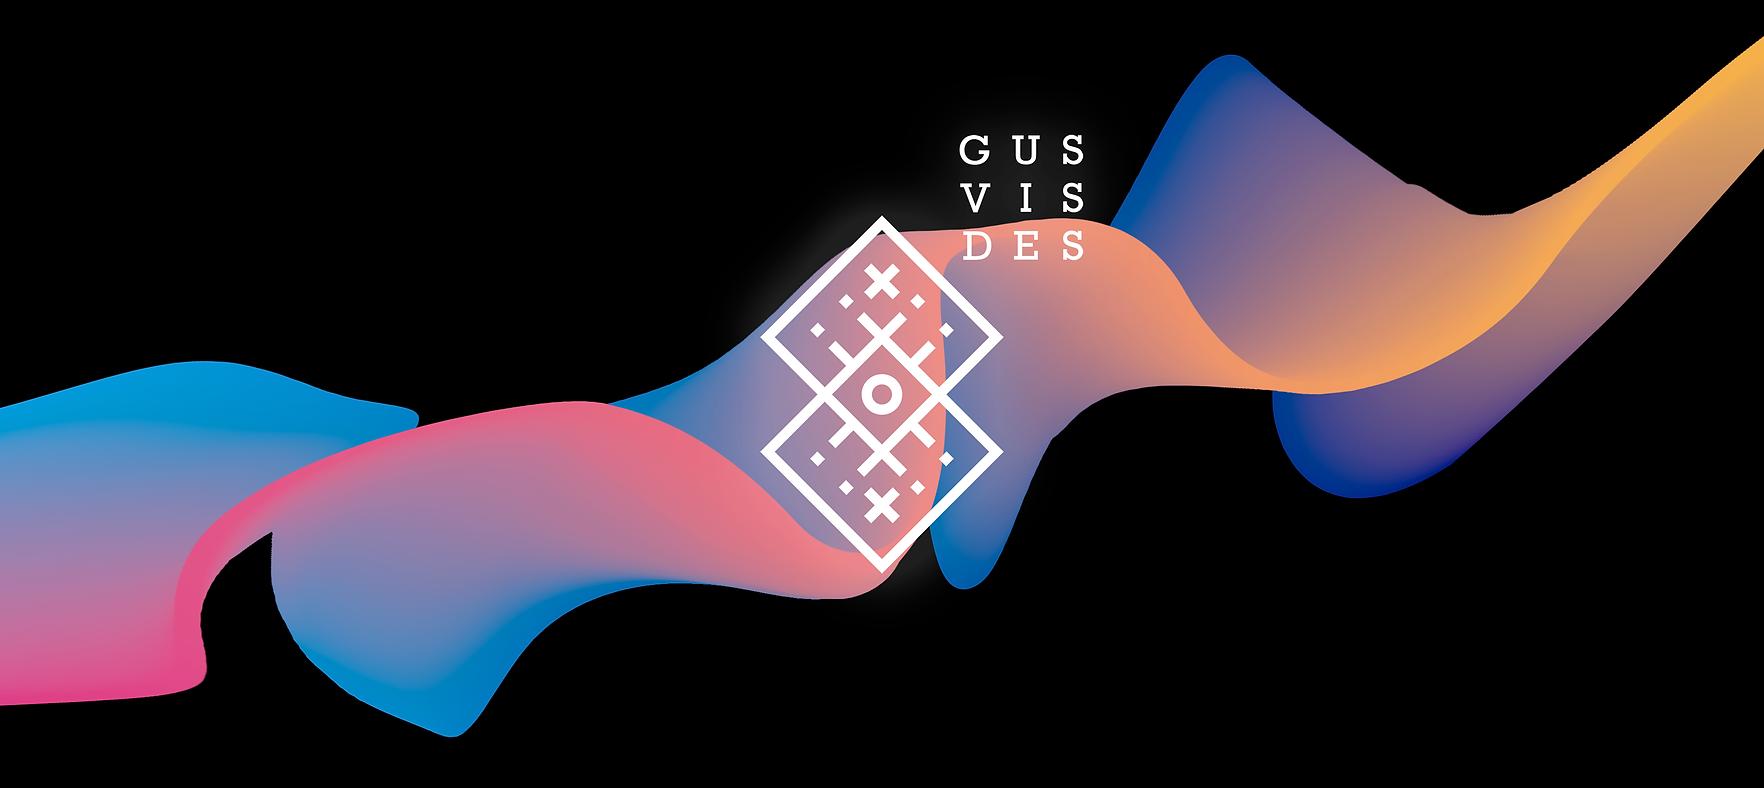 gus-vis-des-logo-2.png